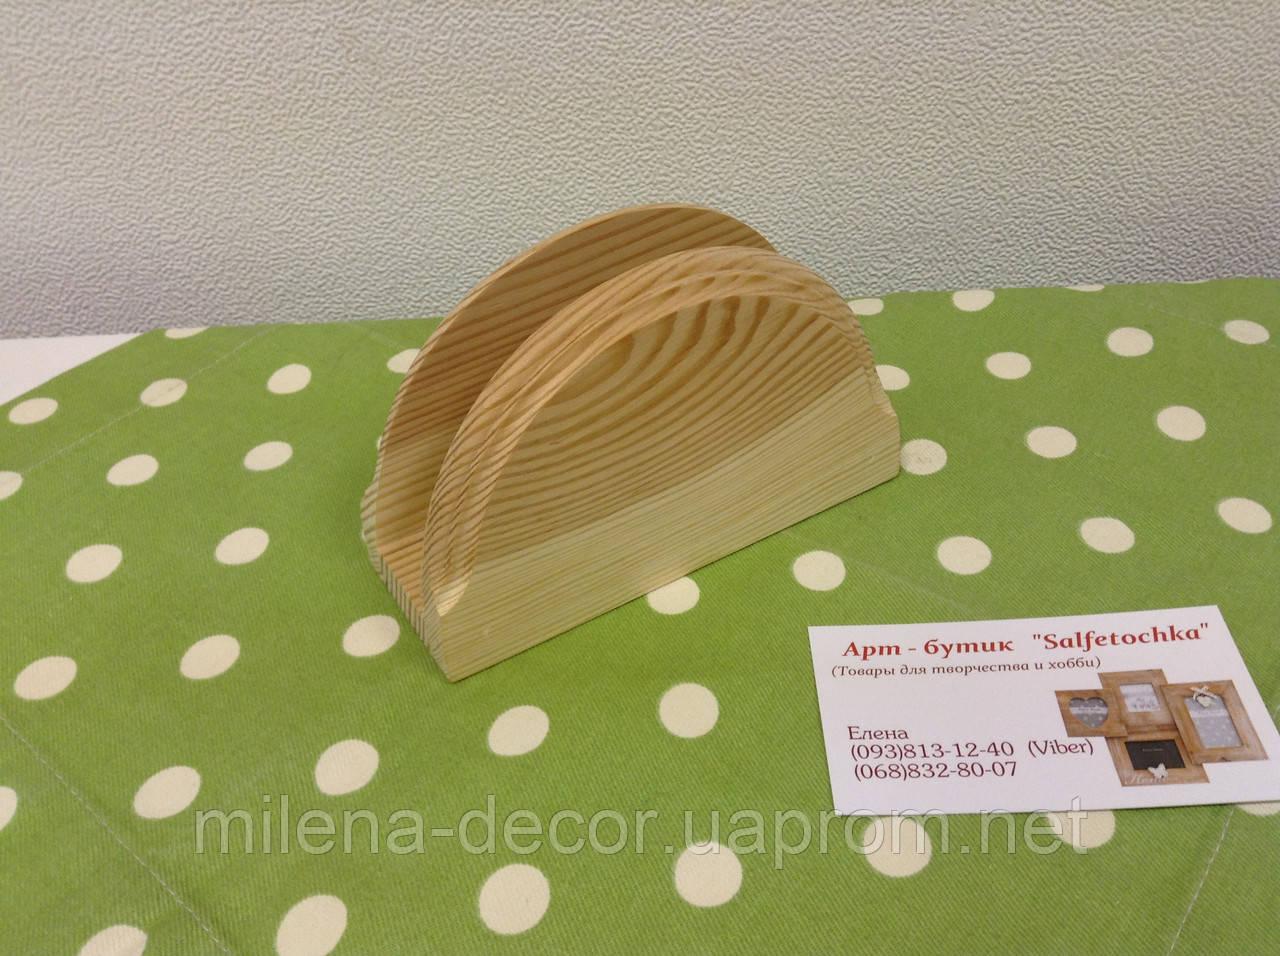 Салфетница деревянная полукруглая